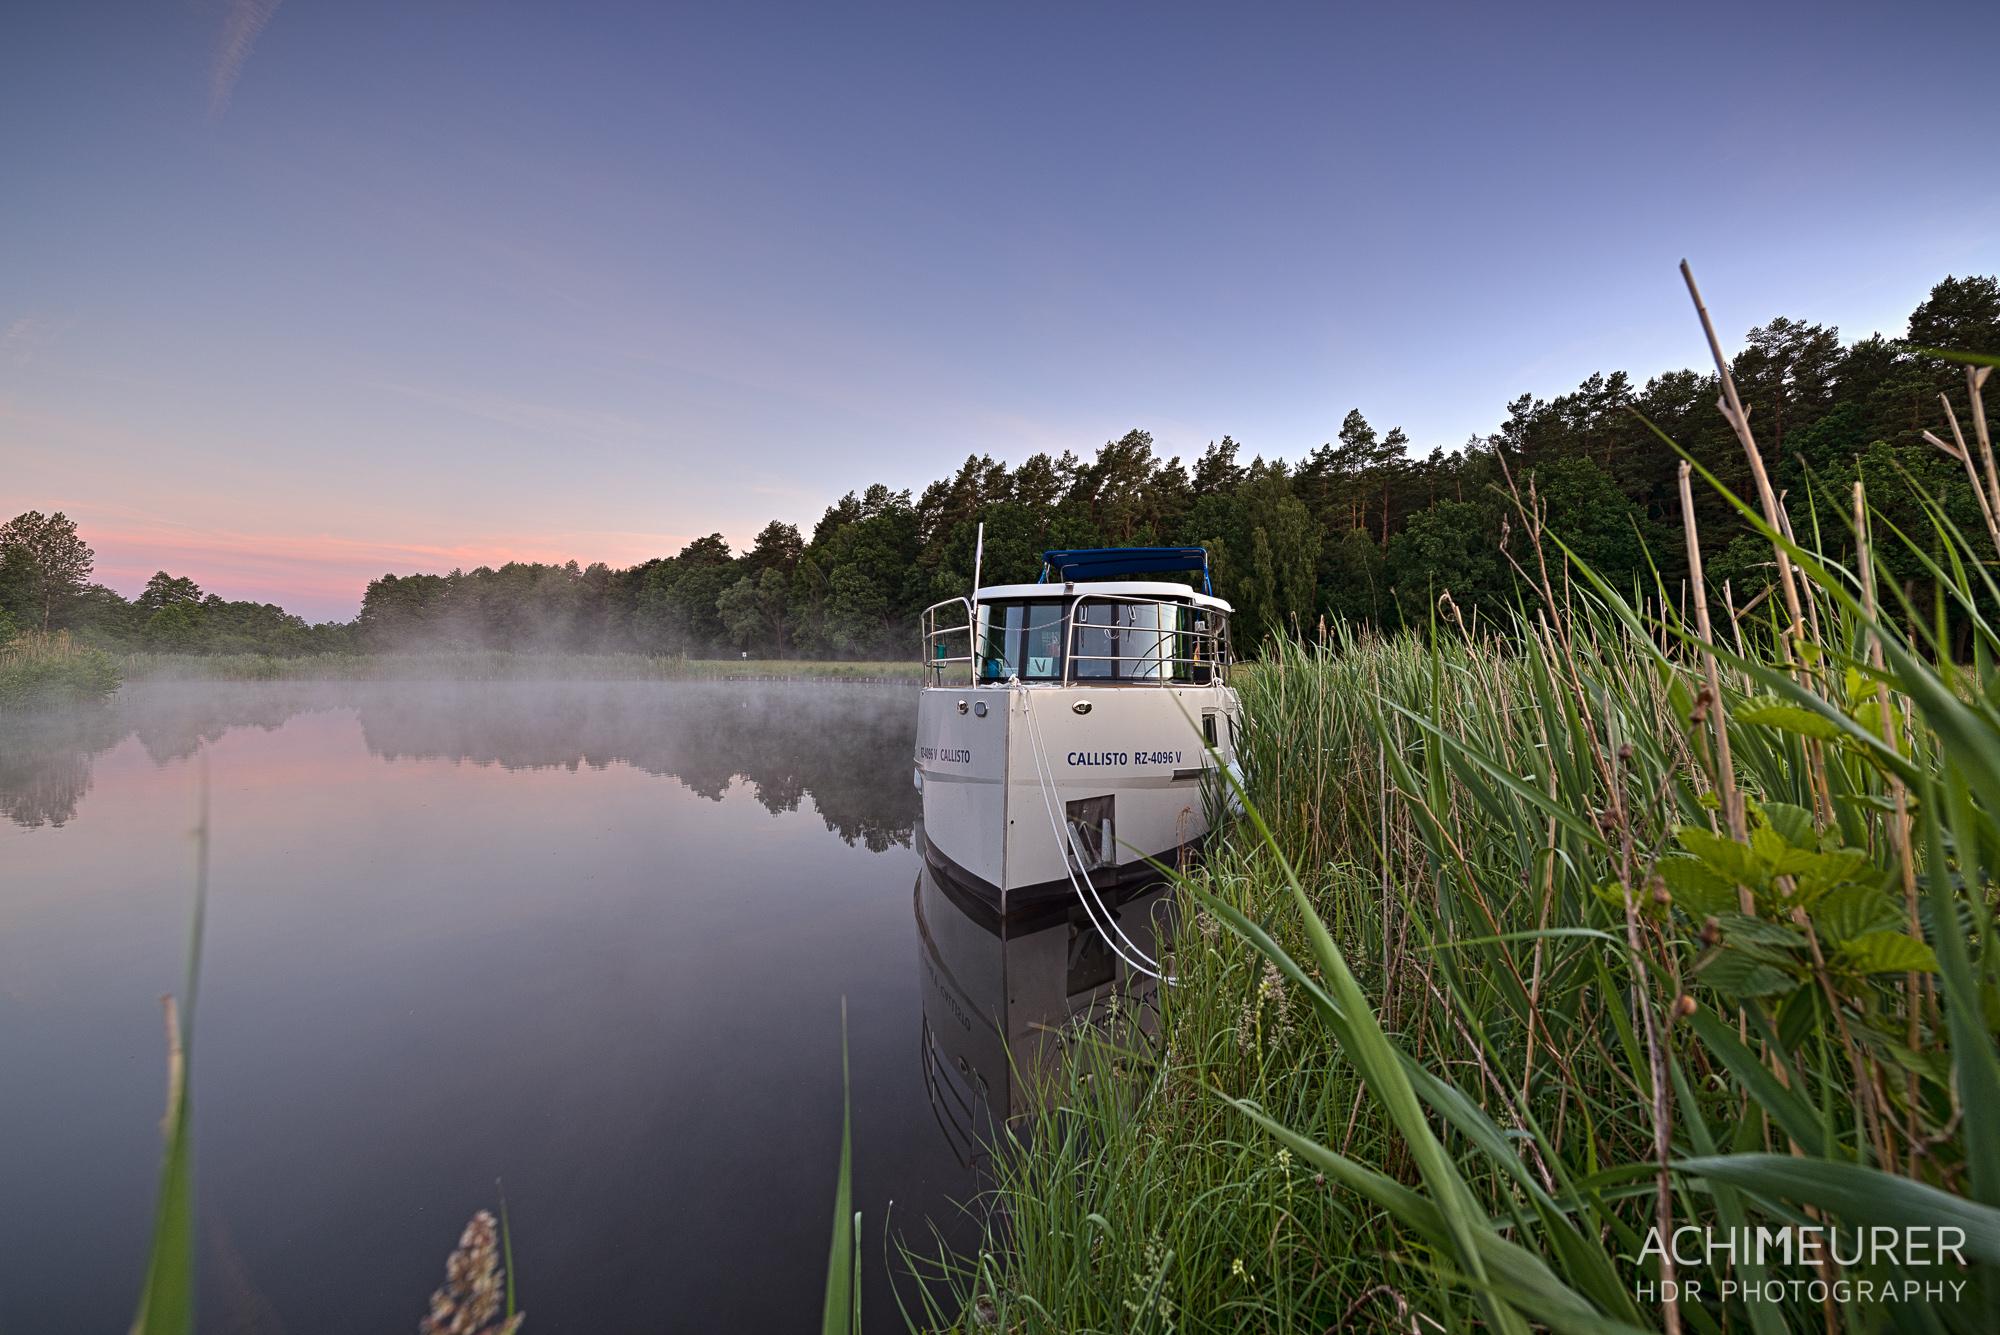 Hausboot-Kuhnle-Mueritz-Mecklenburg-Vorpommern-See_3370_69_68_67_66_HDR